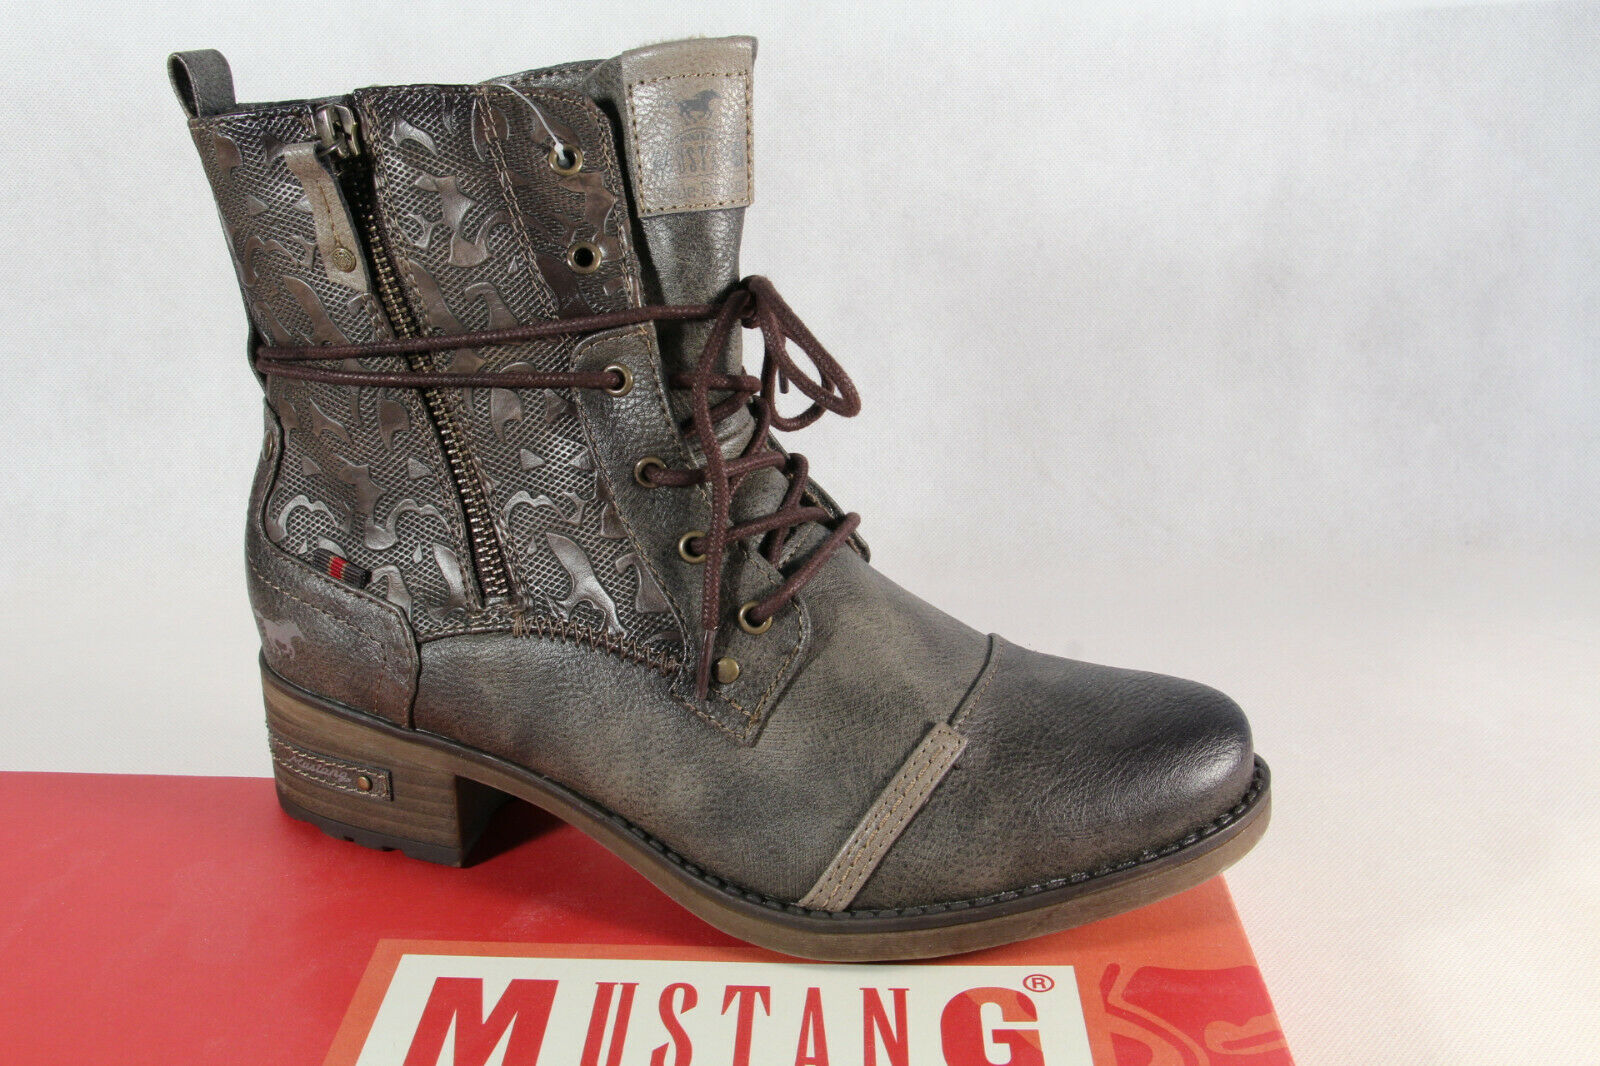 1229 braun Schnürstiefel Stiefeletten Stiefel Mustang